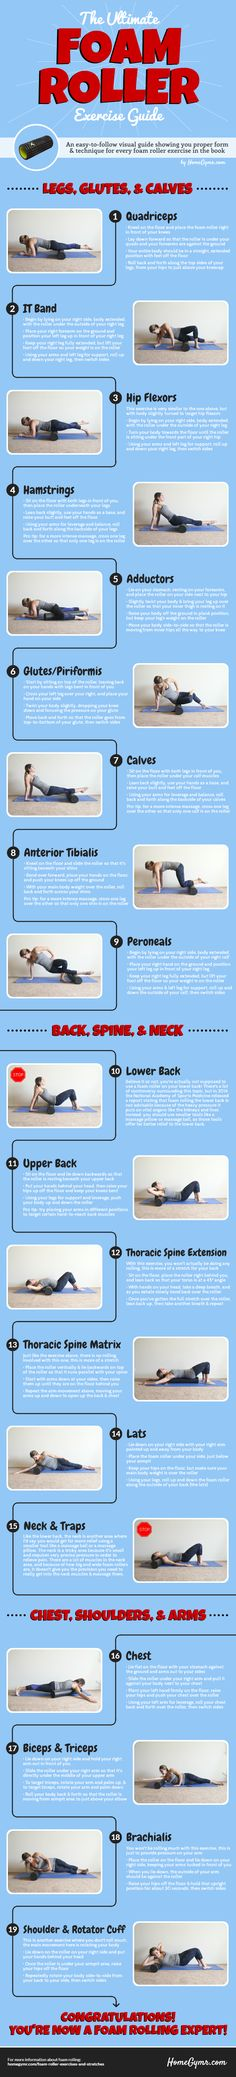 Foam Roller Exercise Guide